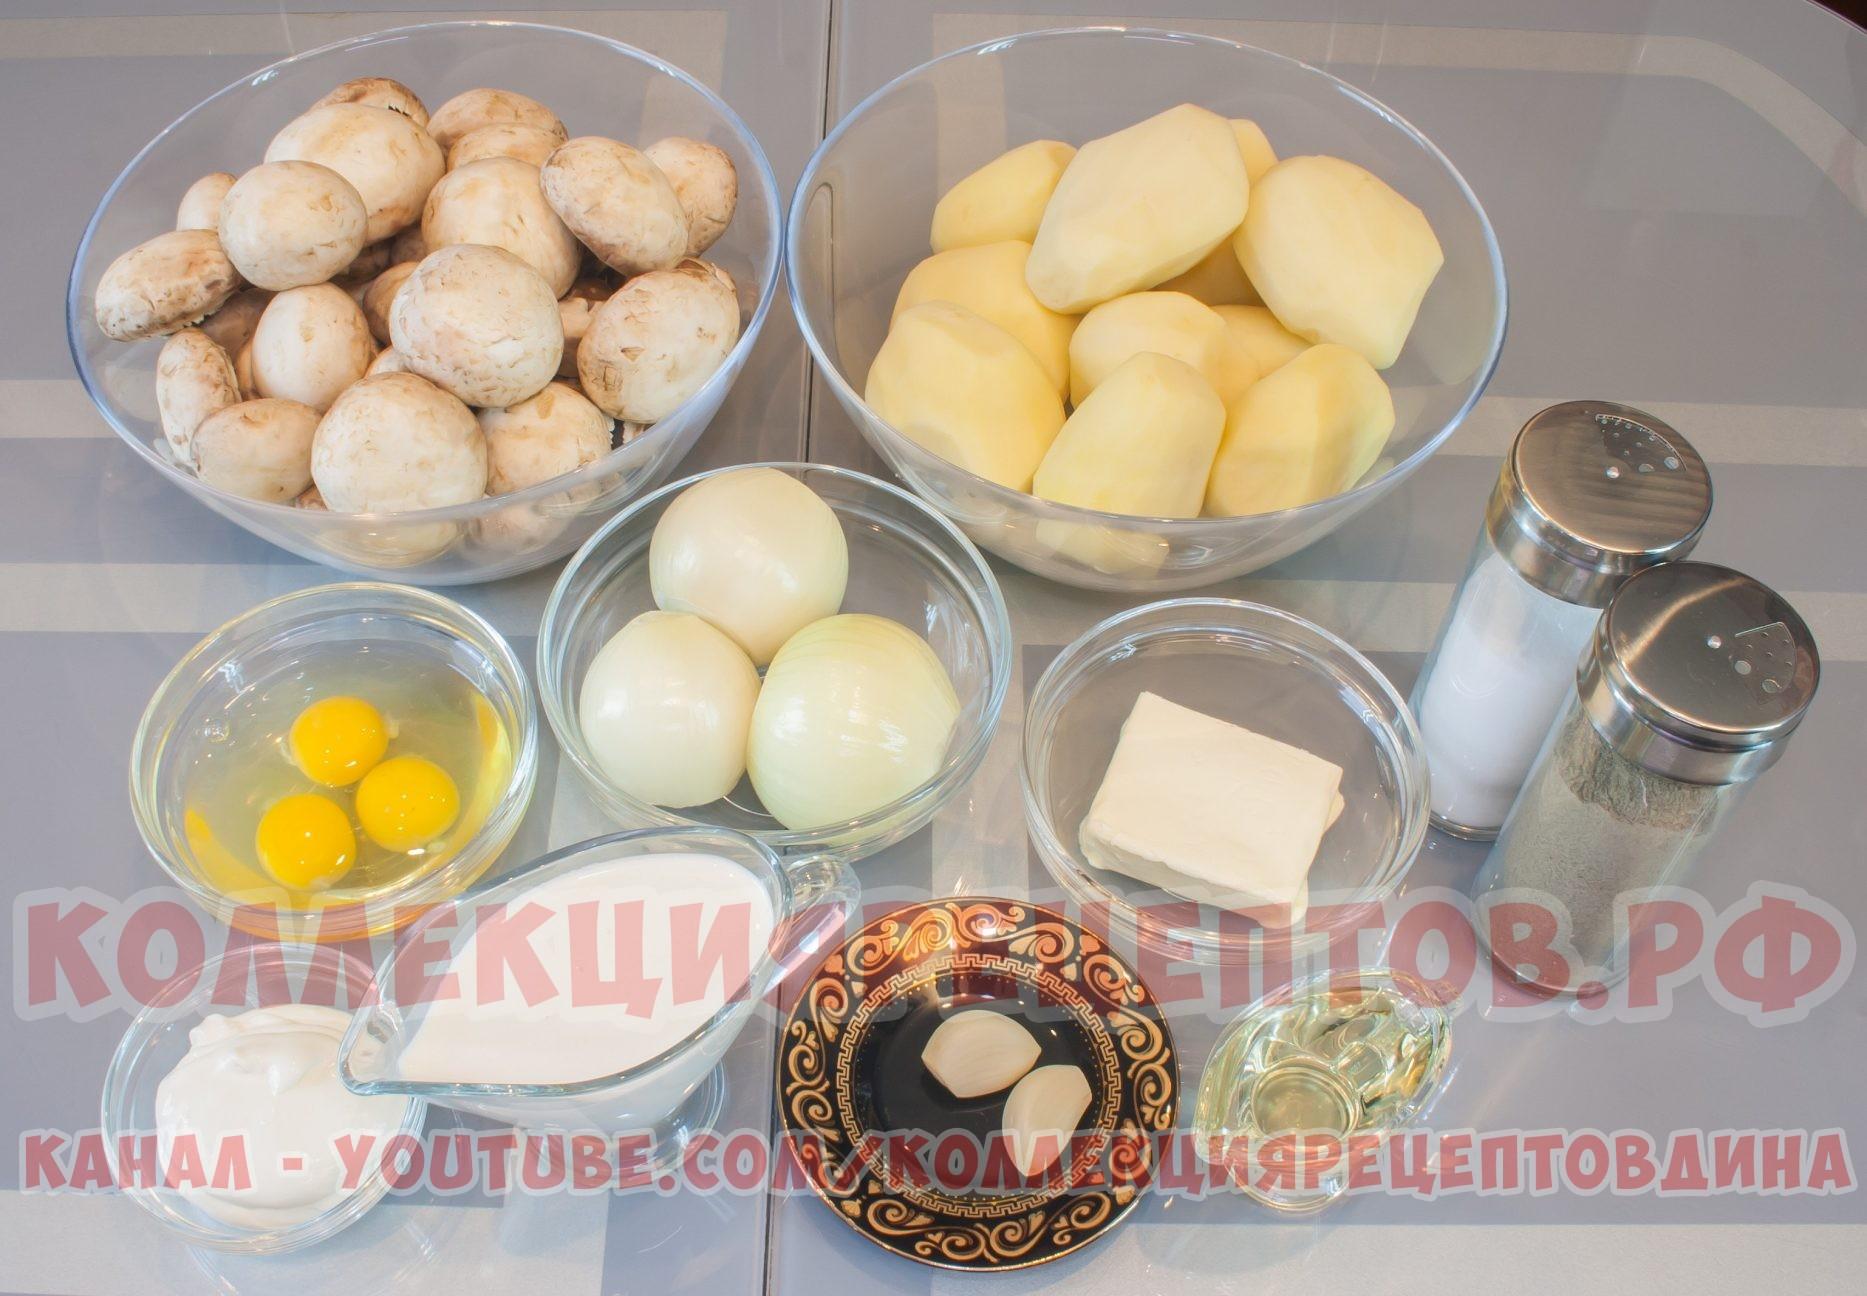 картофельная запеканка с грибами видео рецепт - КоллекцияРецептов.рф